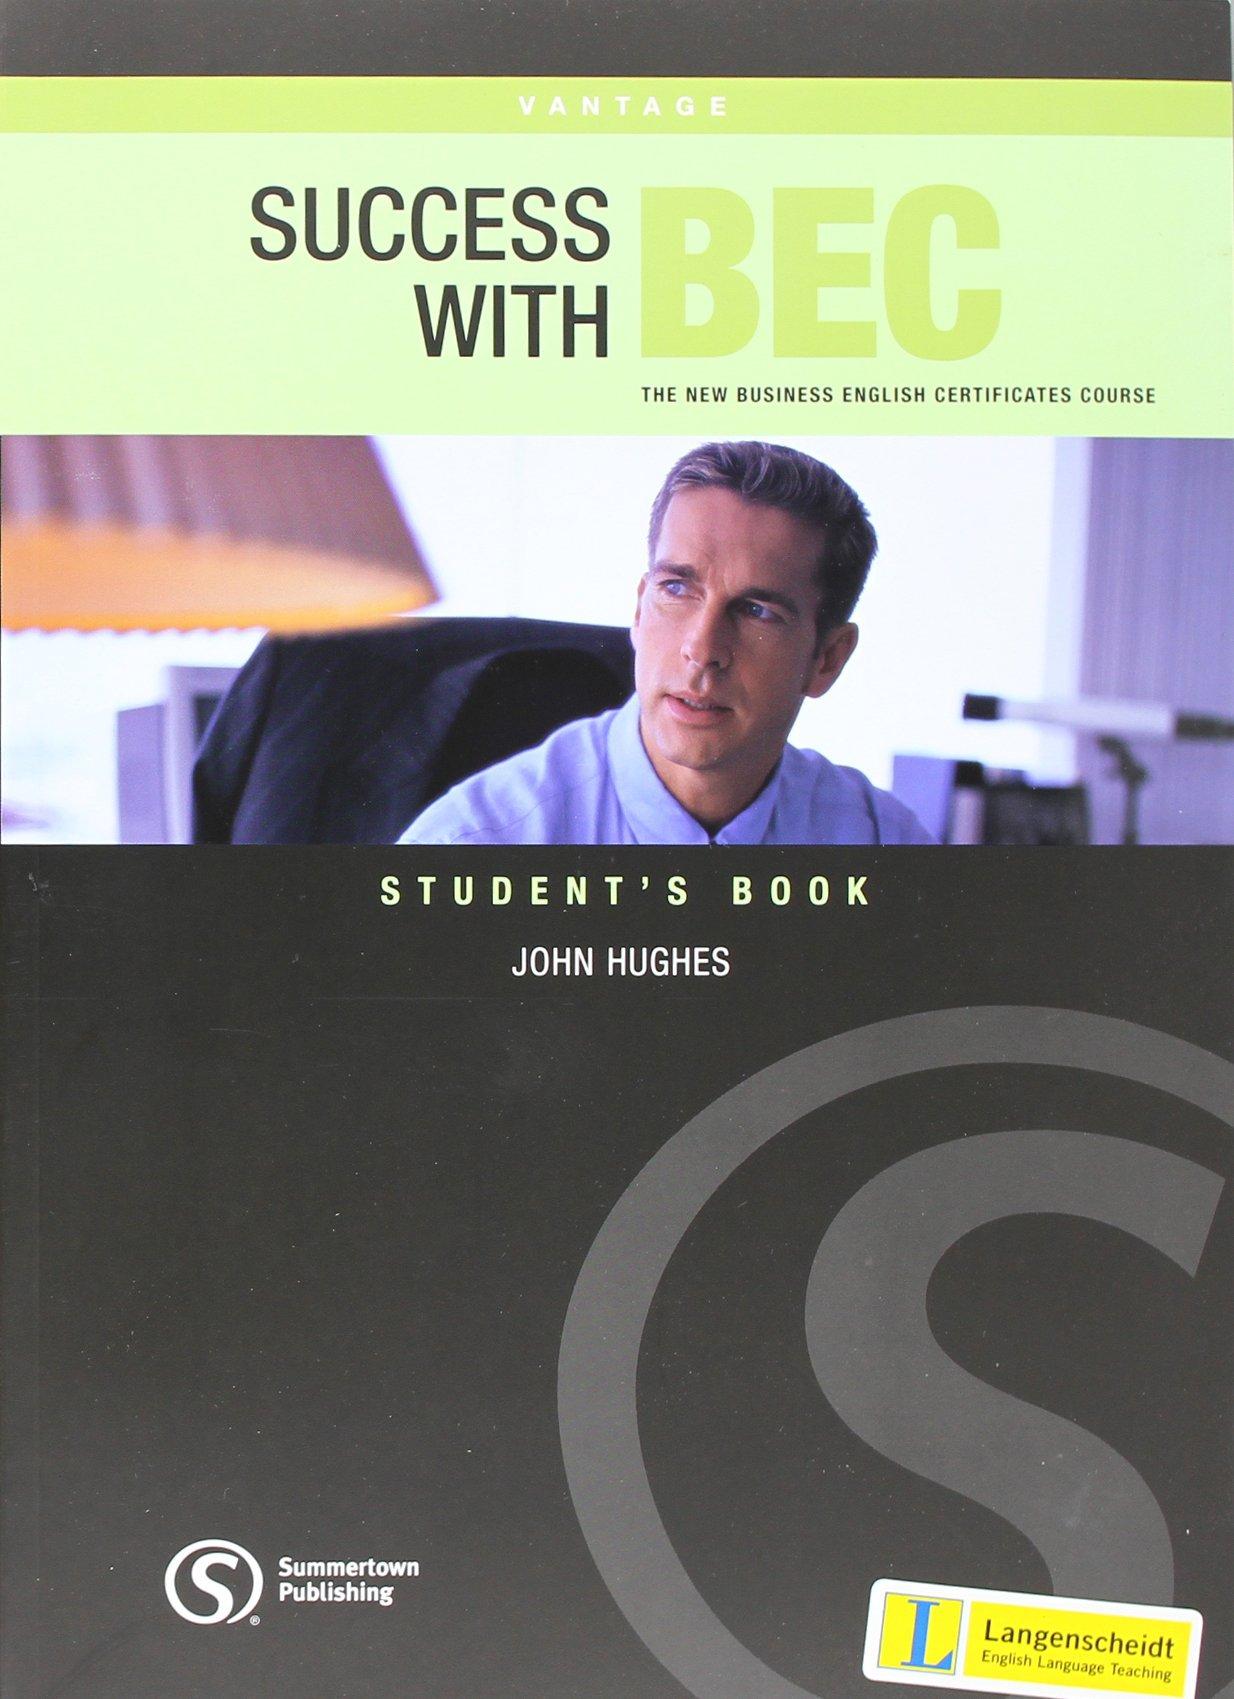 Success with BEC - Vantage - Set mit Student's Book und Workbook